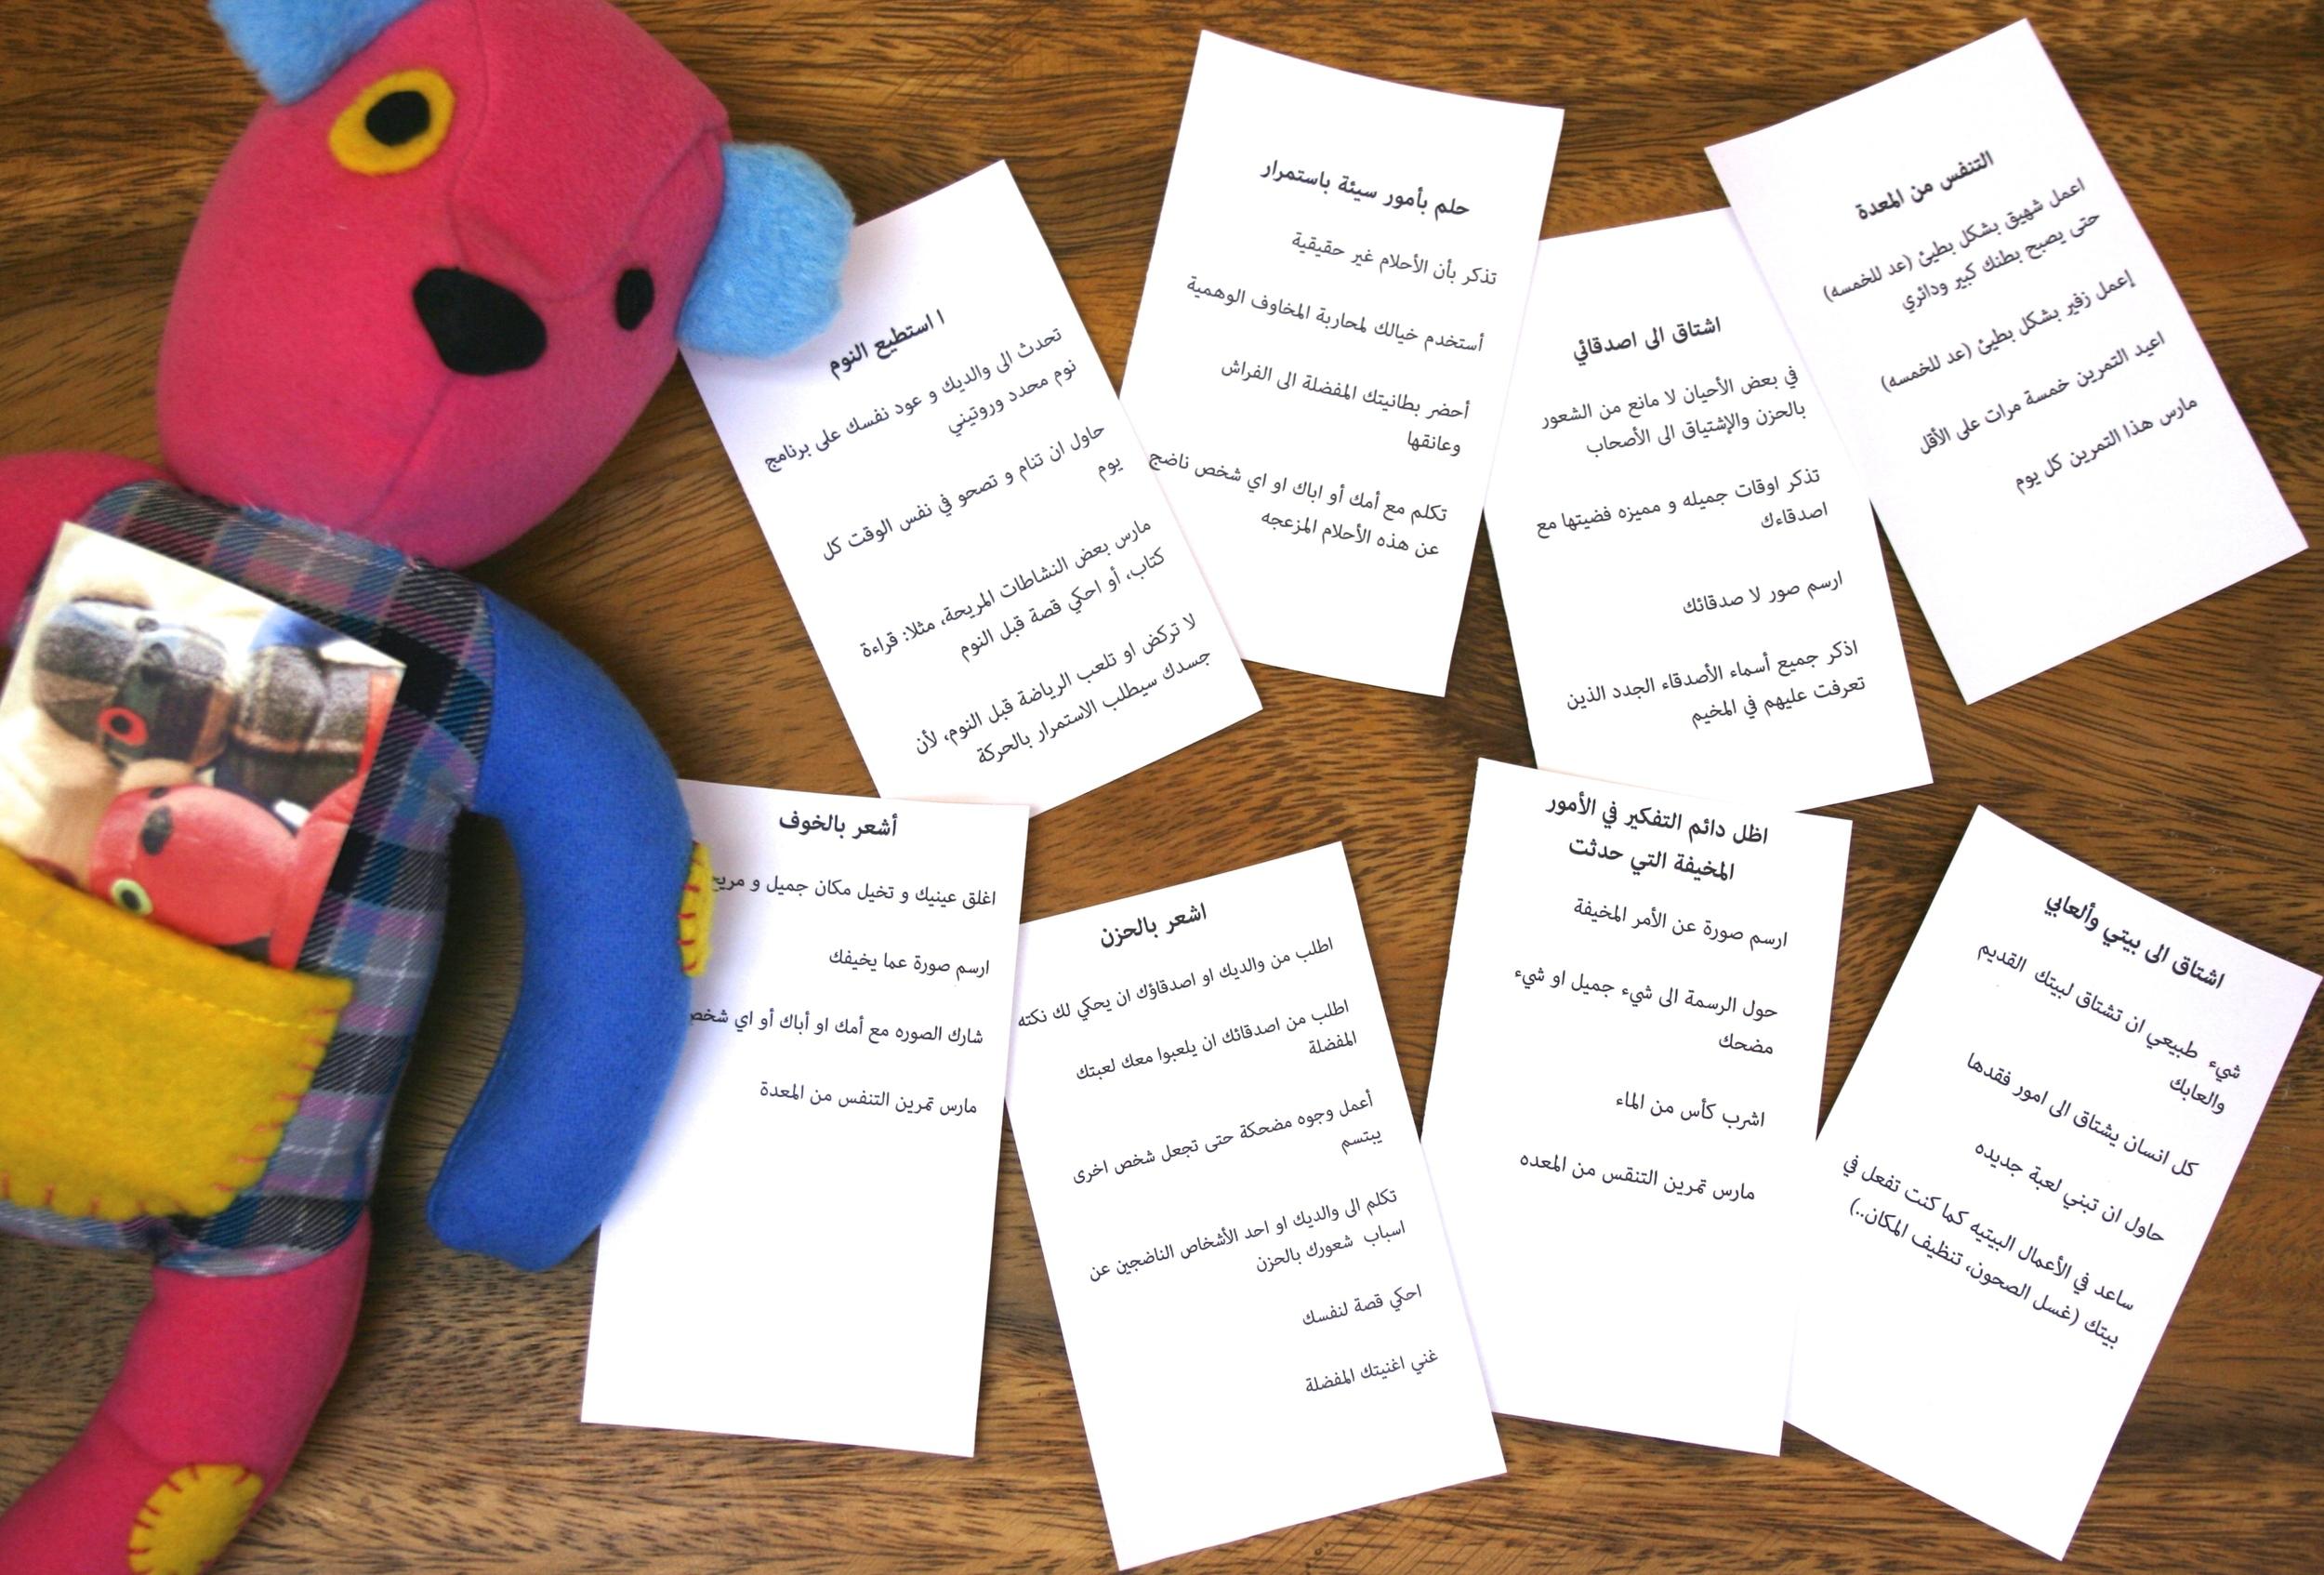 Refugee-Pocket-Coping-Cards.JPG